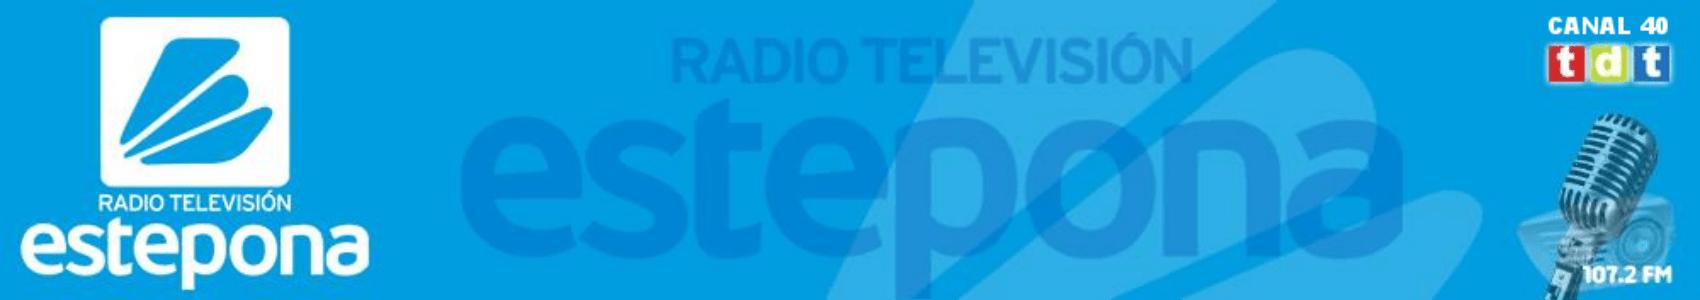 Estepona Televisión